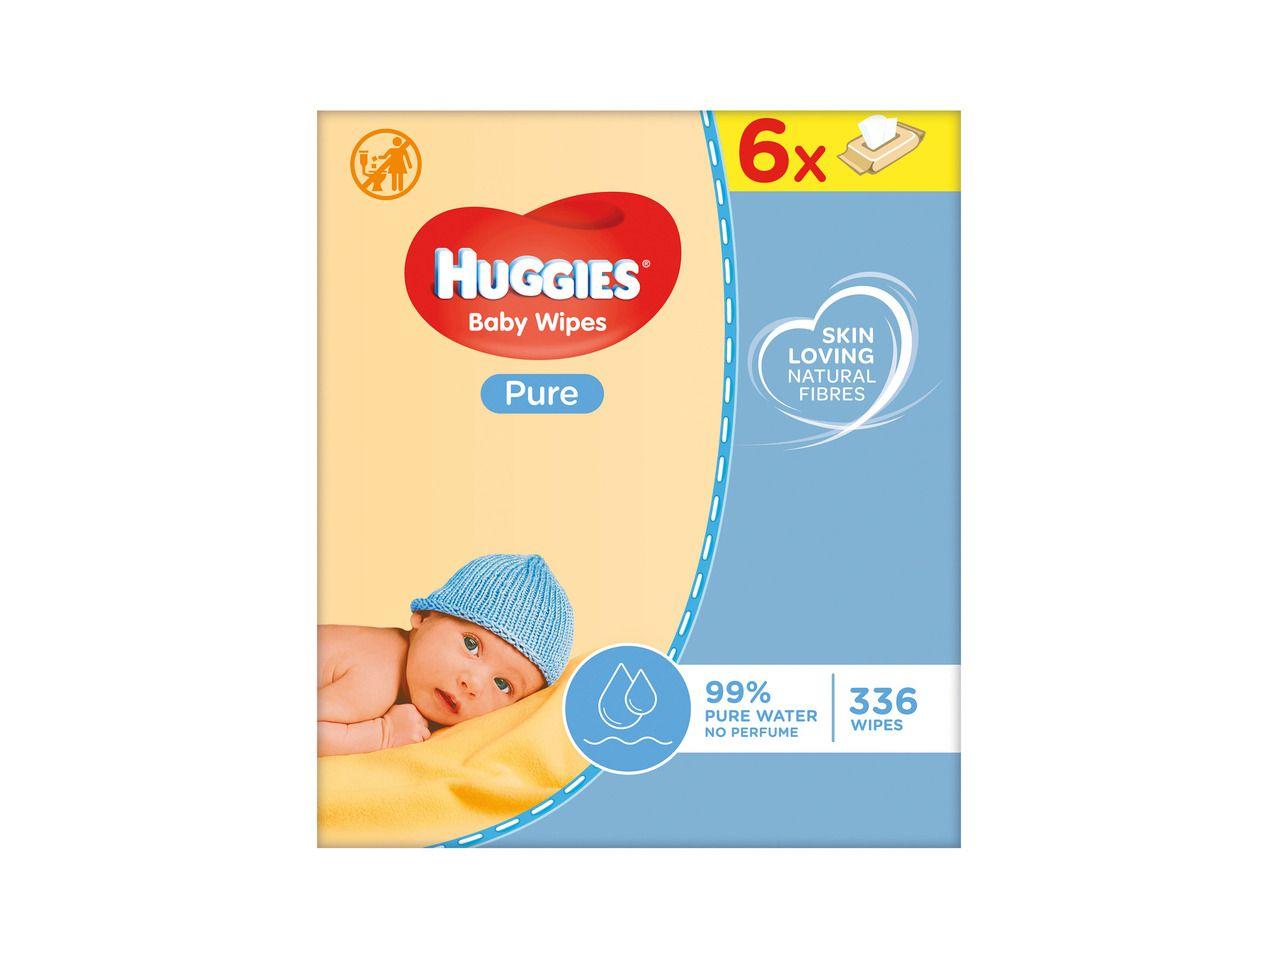 Huggies baby wipes 6pk £2.49 @ Lidl